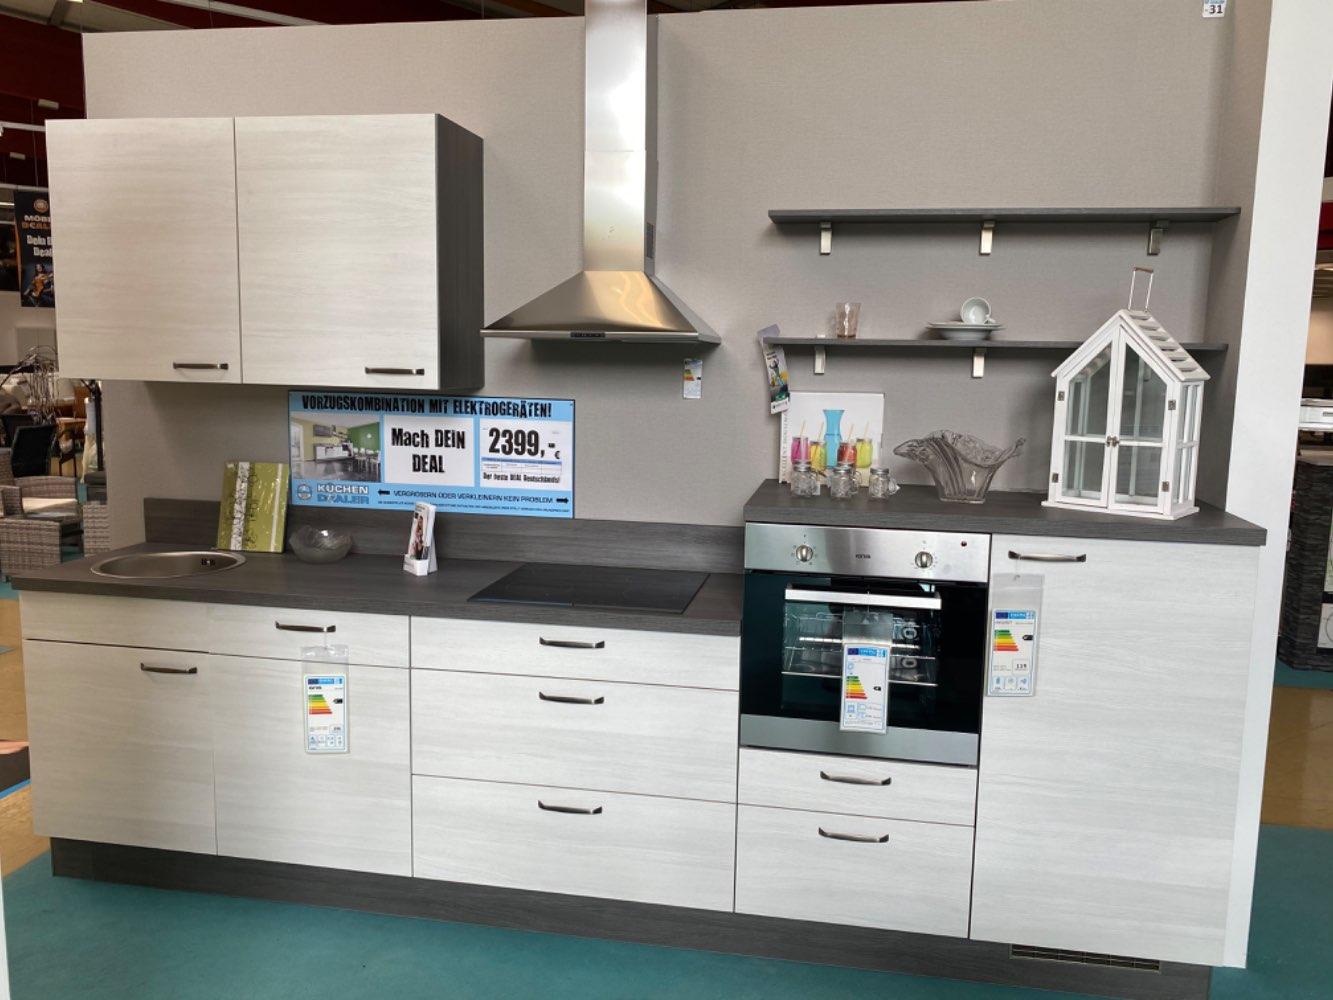 Einbauküche Angelit / Küche mit E-Geräten Top Deal Koje 31